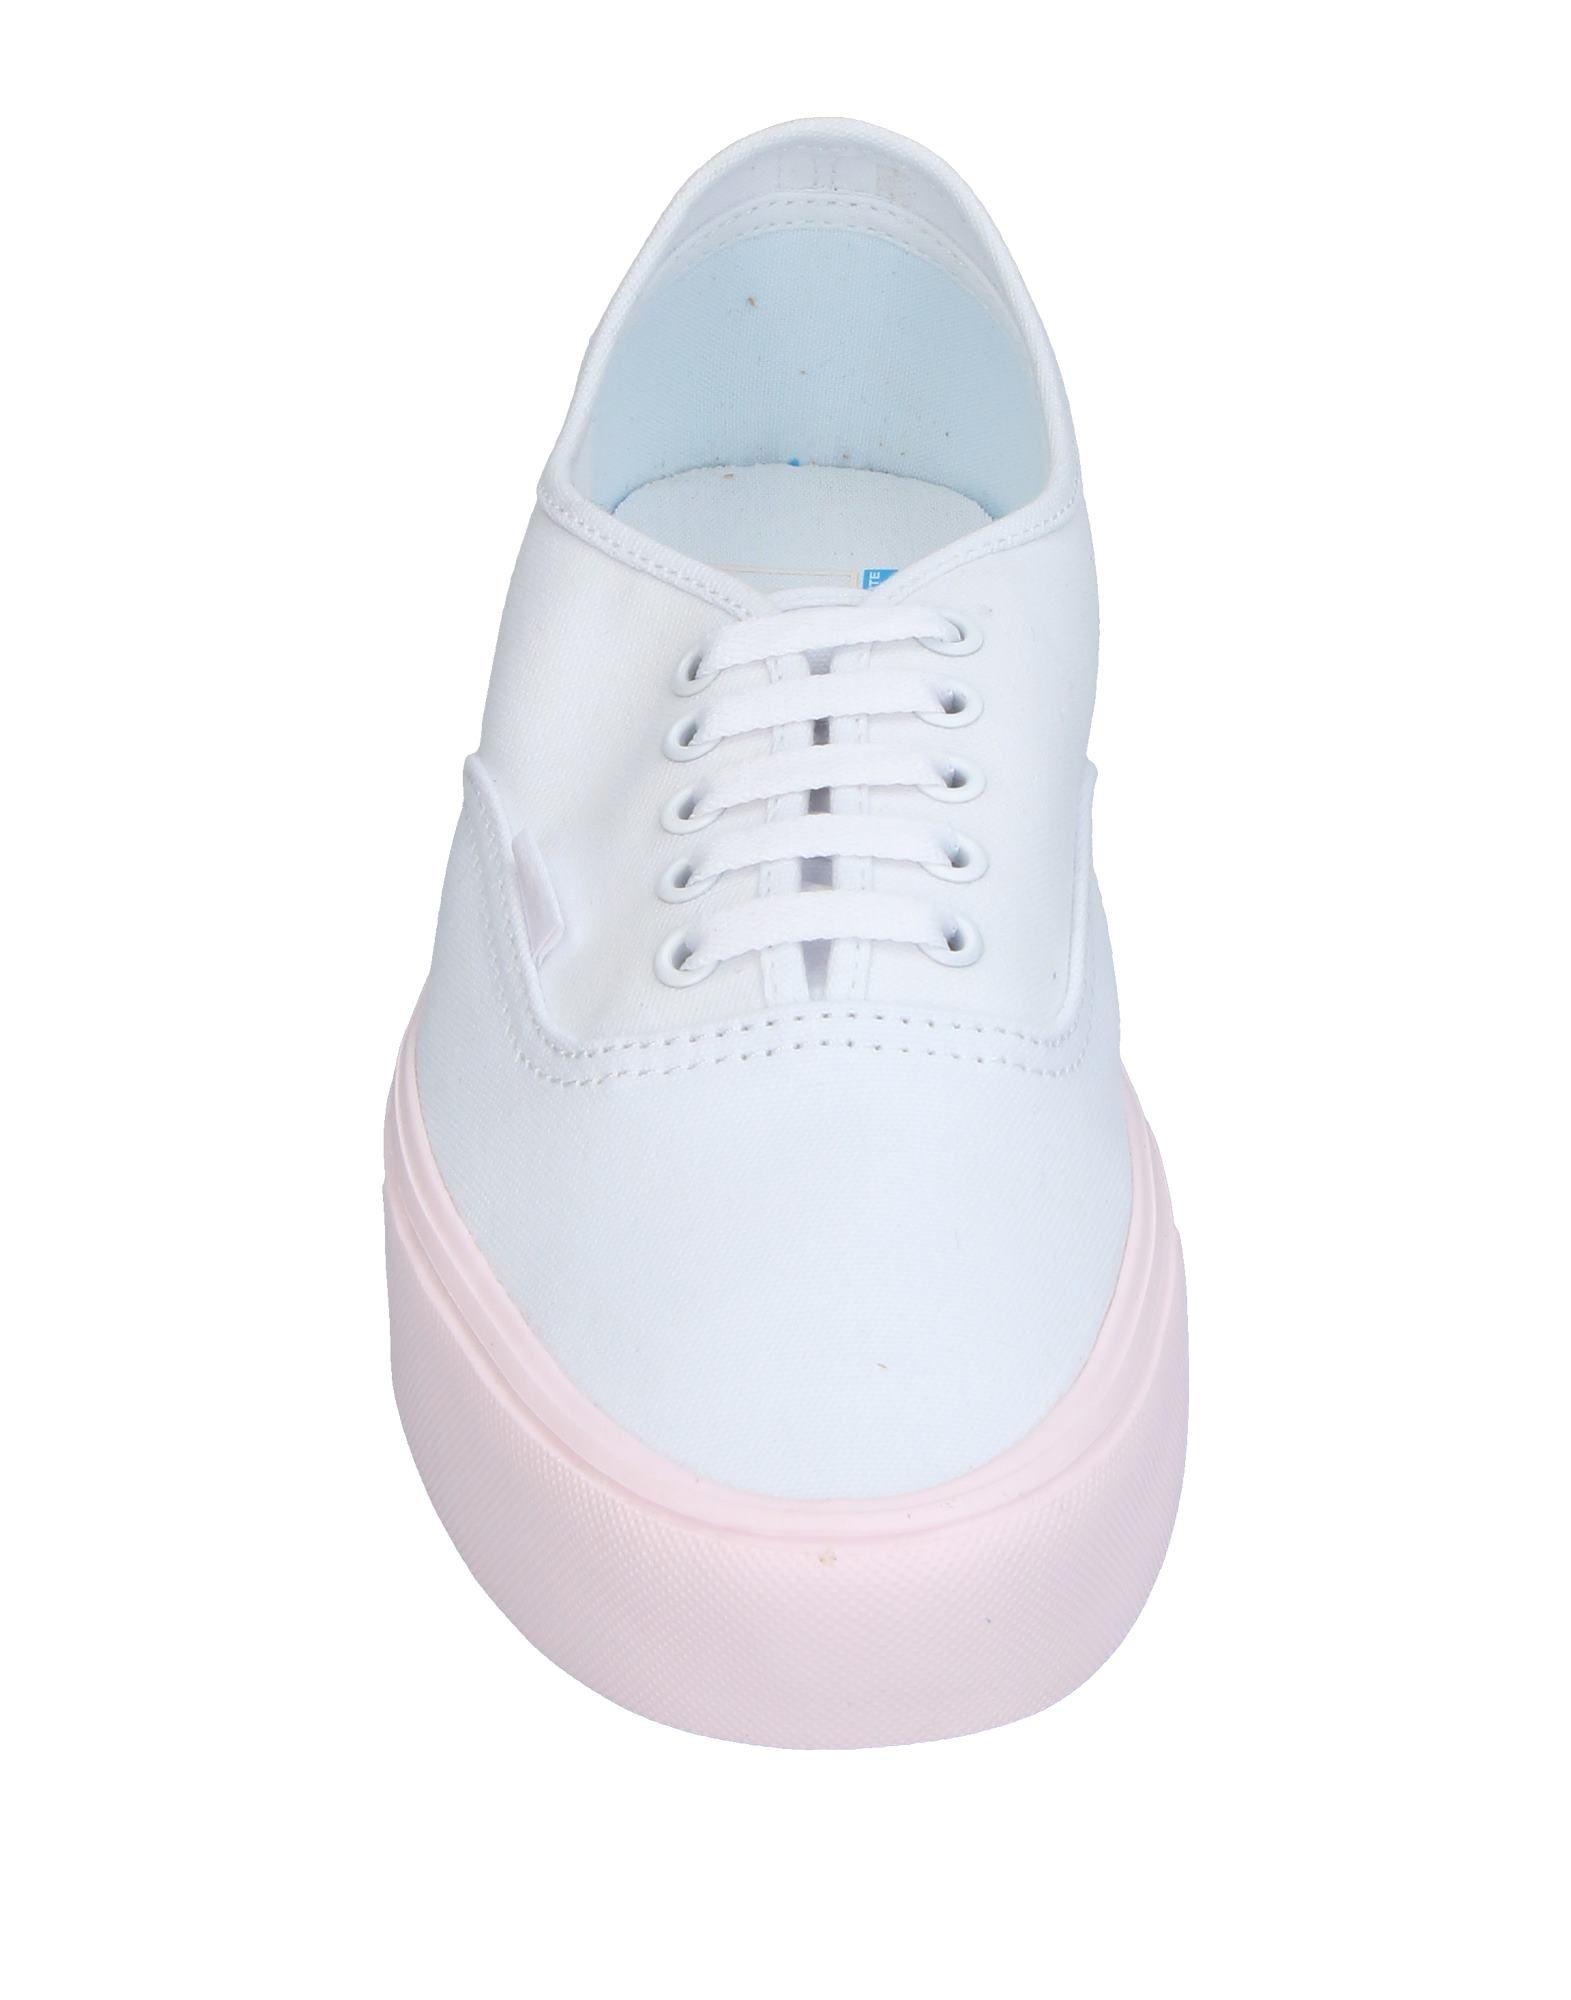 Vans Heiße Sneakers Herren  11384220DV Heiße Vans Schuhe 6708dd